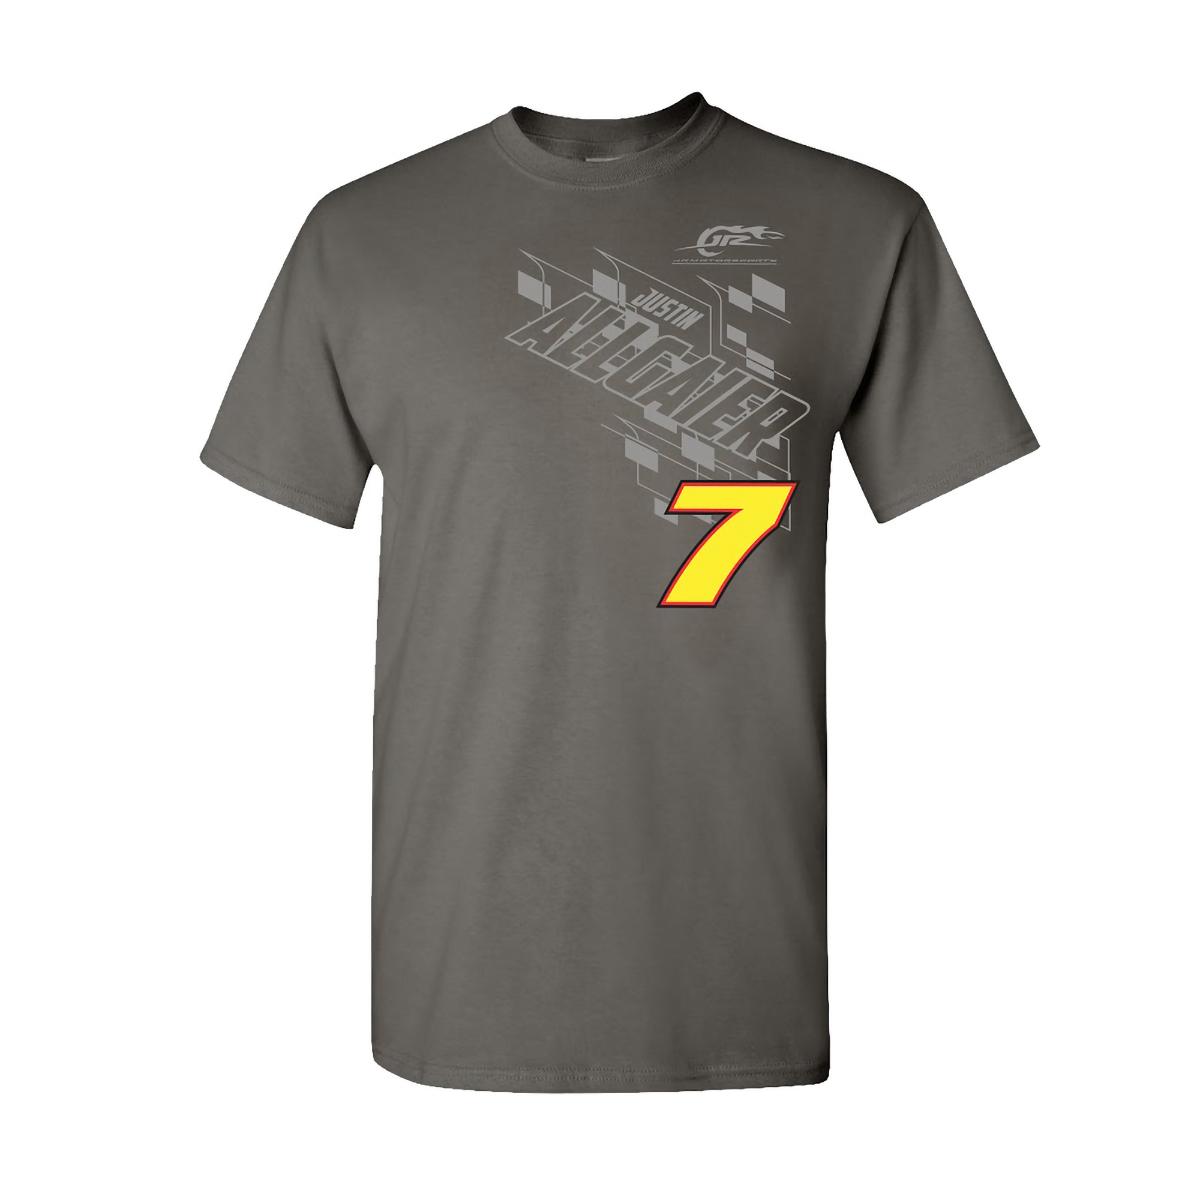 Justin Allgaier #7 2020 Brandt Chevrolet T-shirt